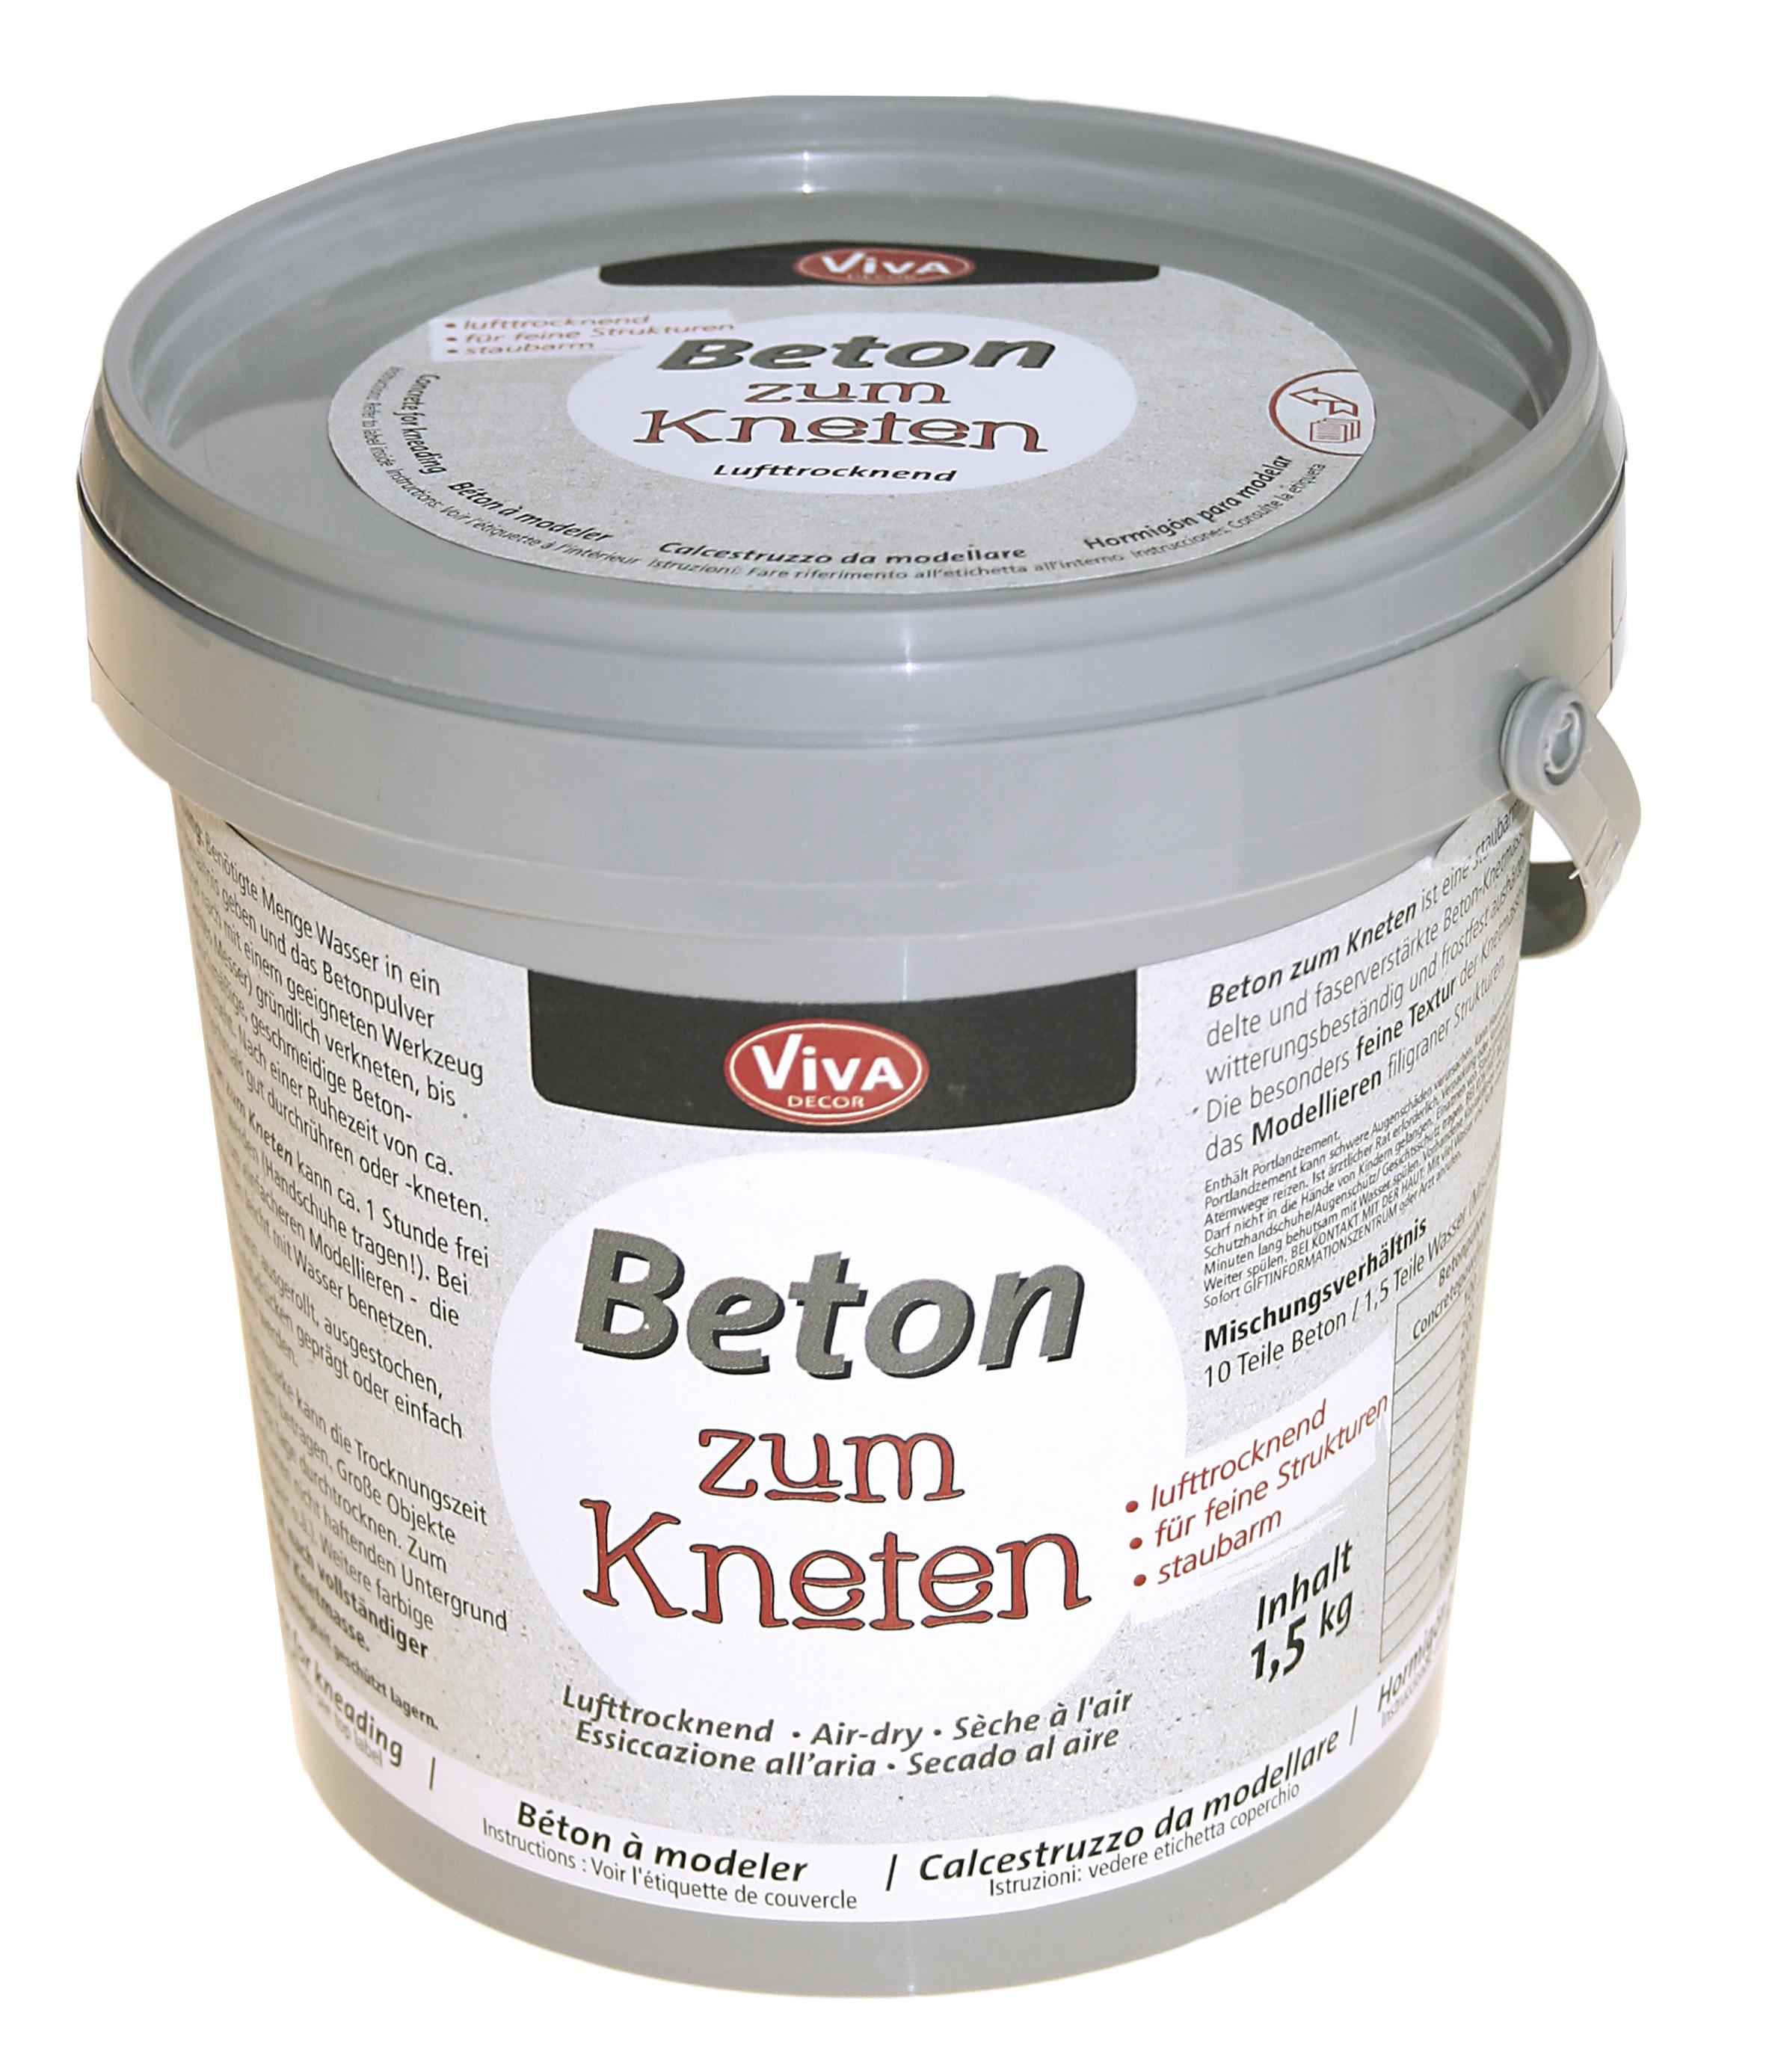 beton zum kneten - 1,5kg | kreativ-depot